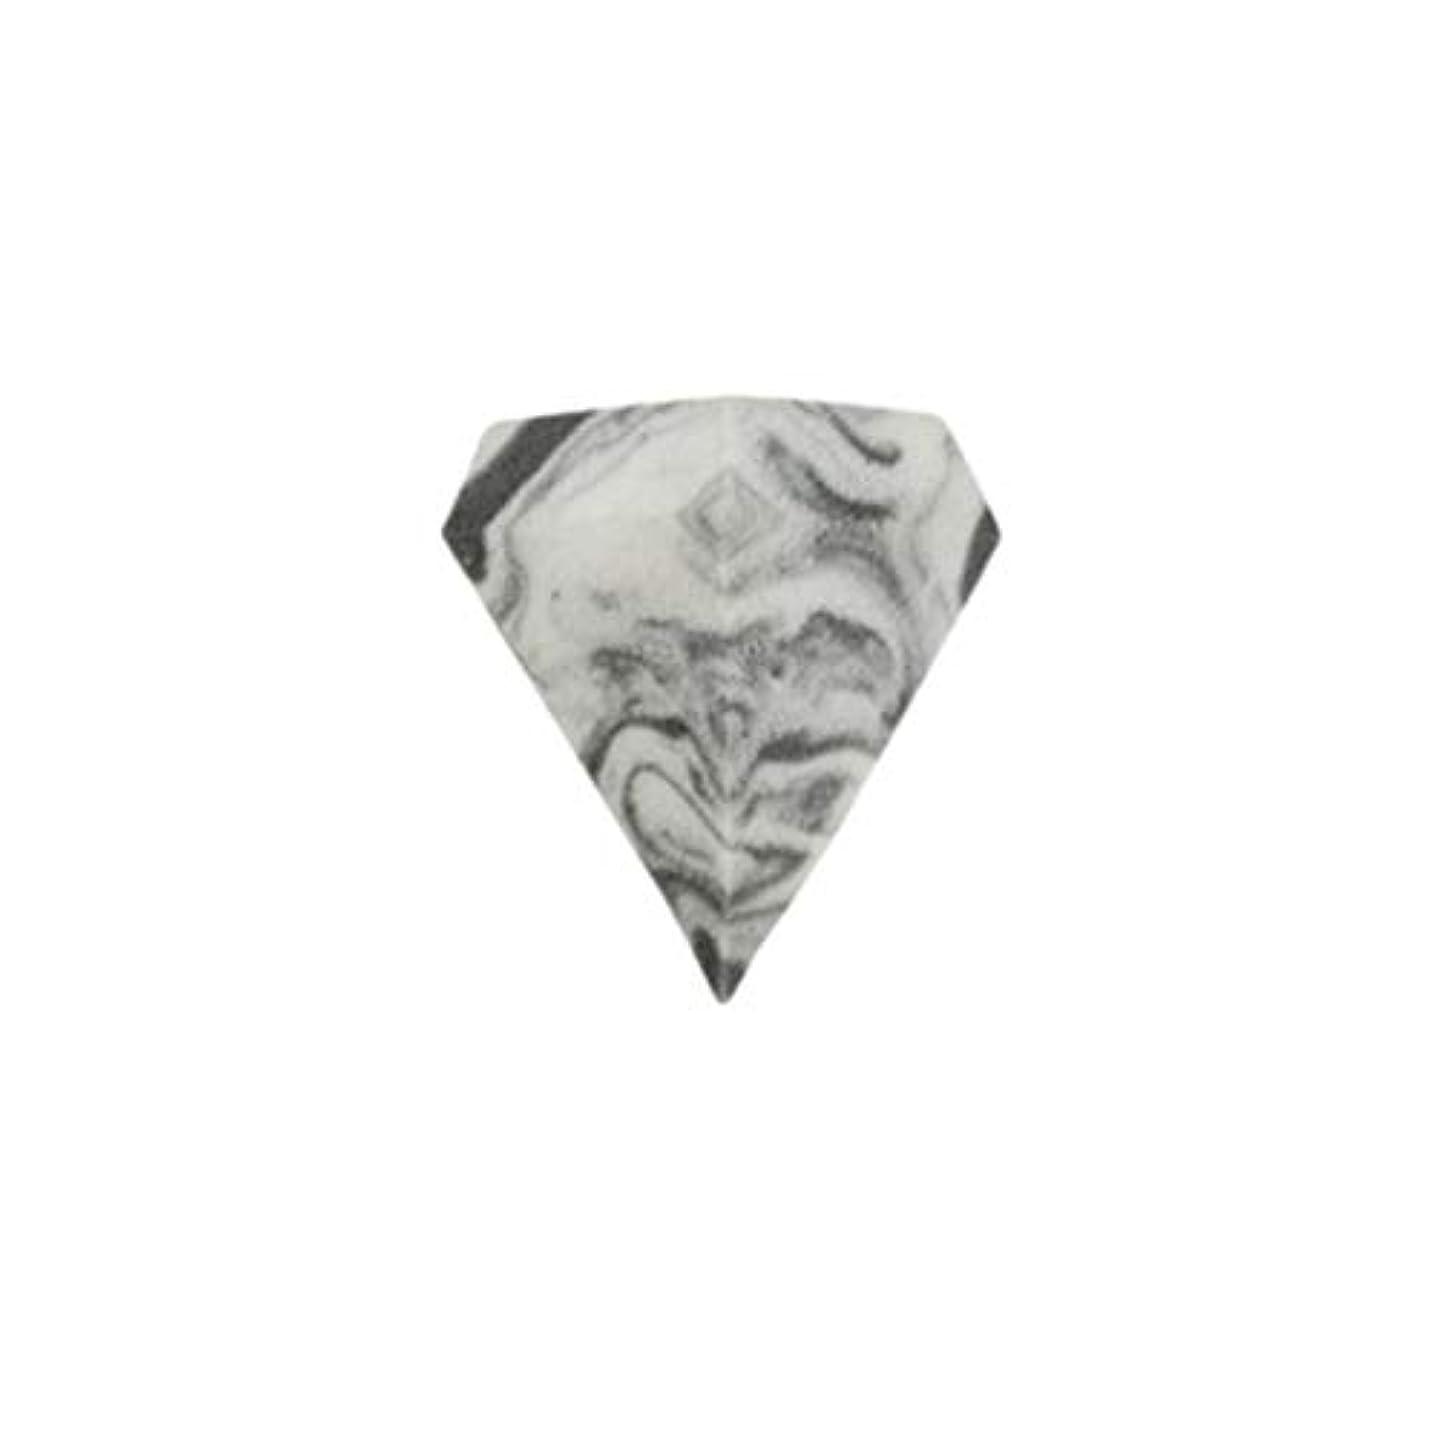 盆地クラフト買い手美のスポンジ、柔らかいダイヤモンド形の構造の混合物の基礎スポンジ